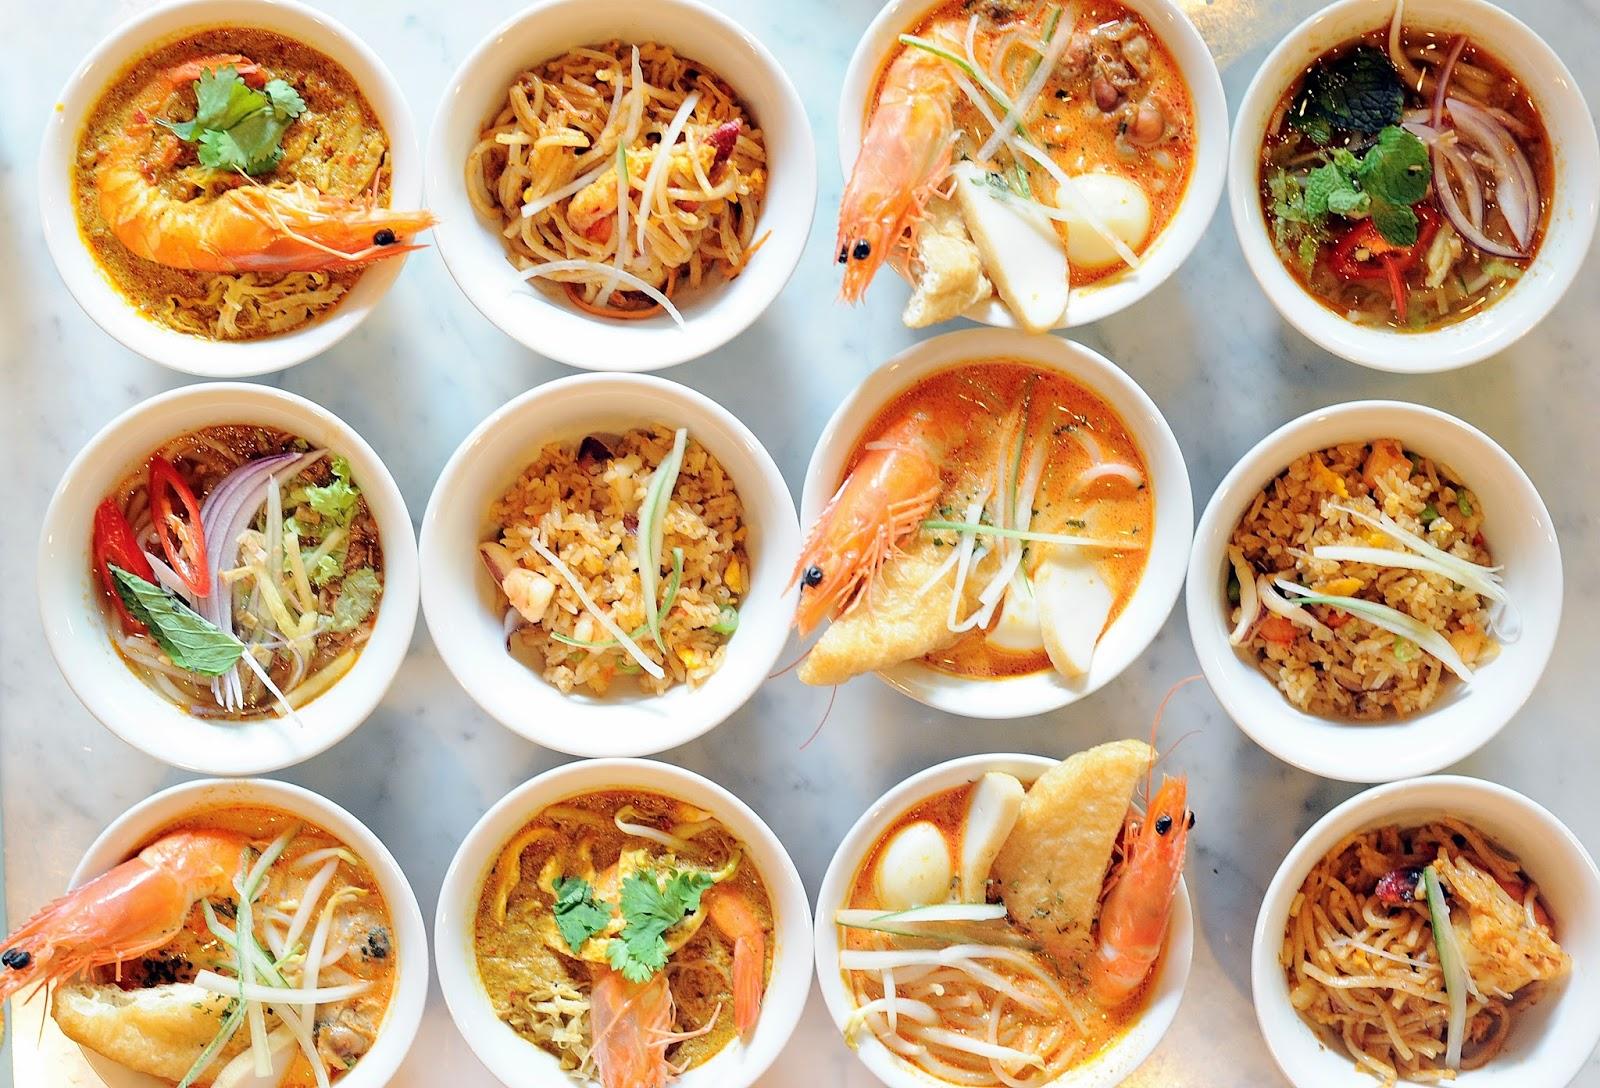 Foodie tour Singapore